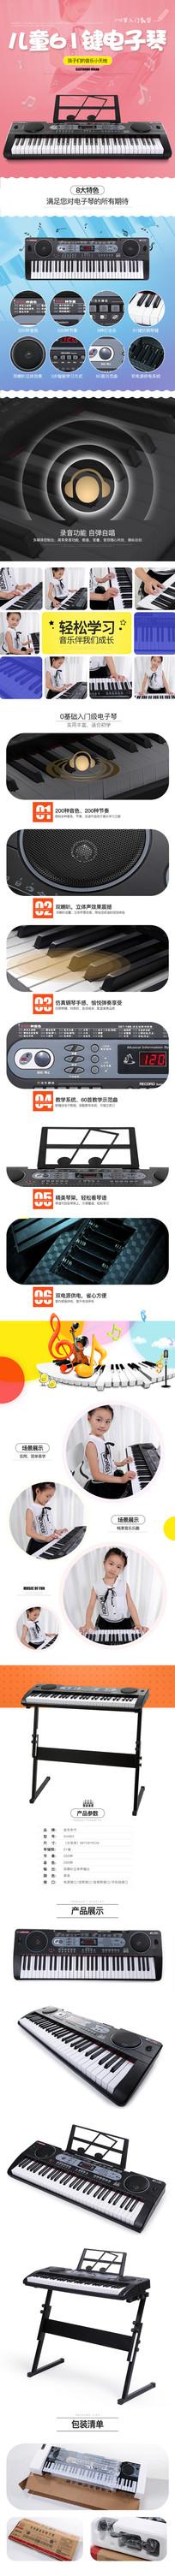 手卷钢琴乐器淘宝详情PSD分层素材